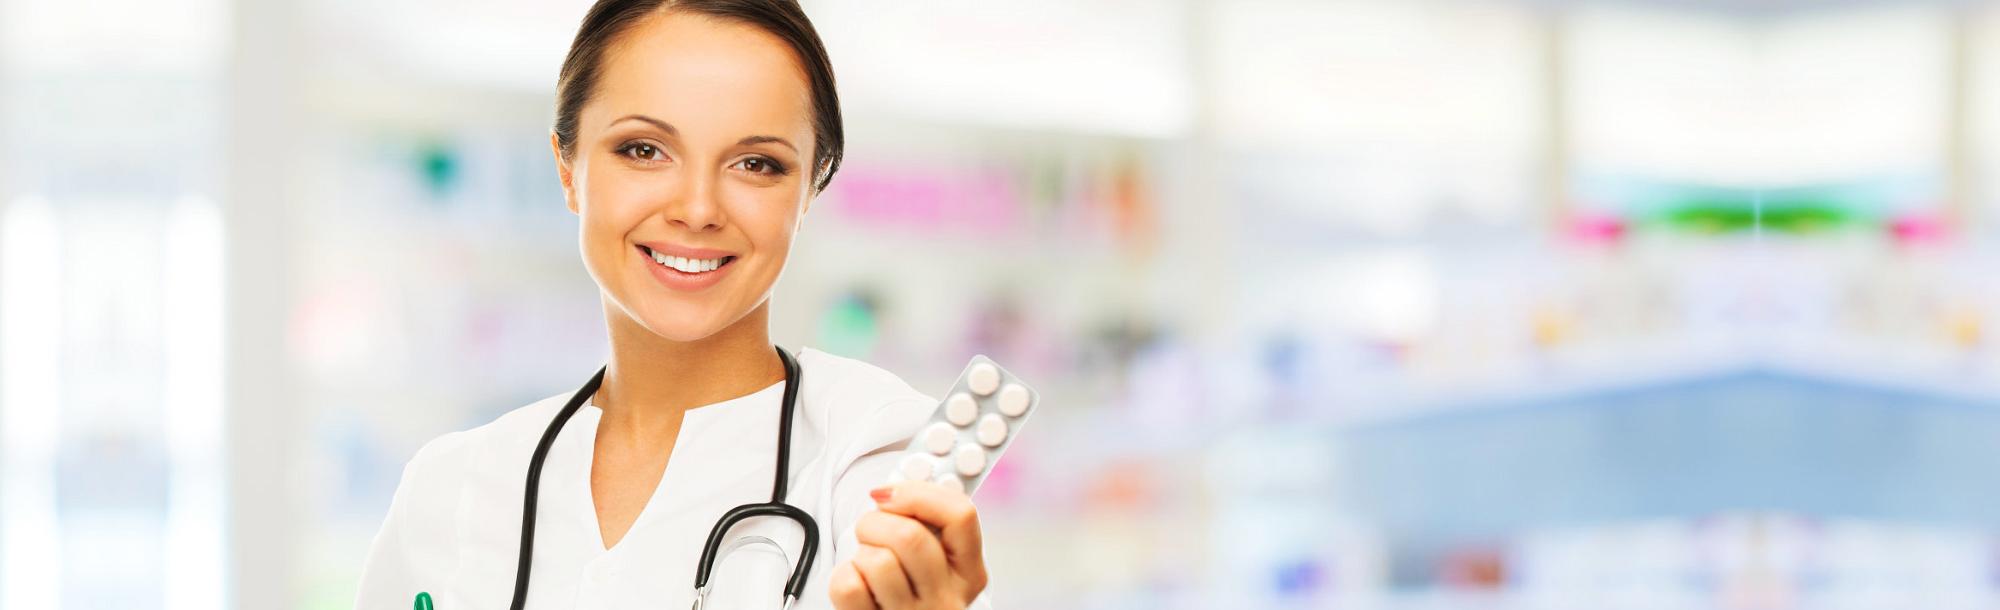 Precise & Personalized Medicine